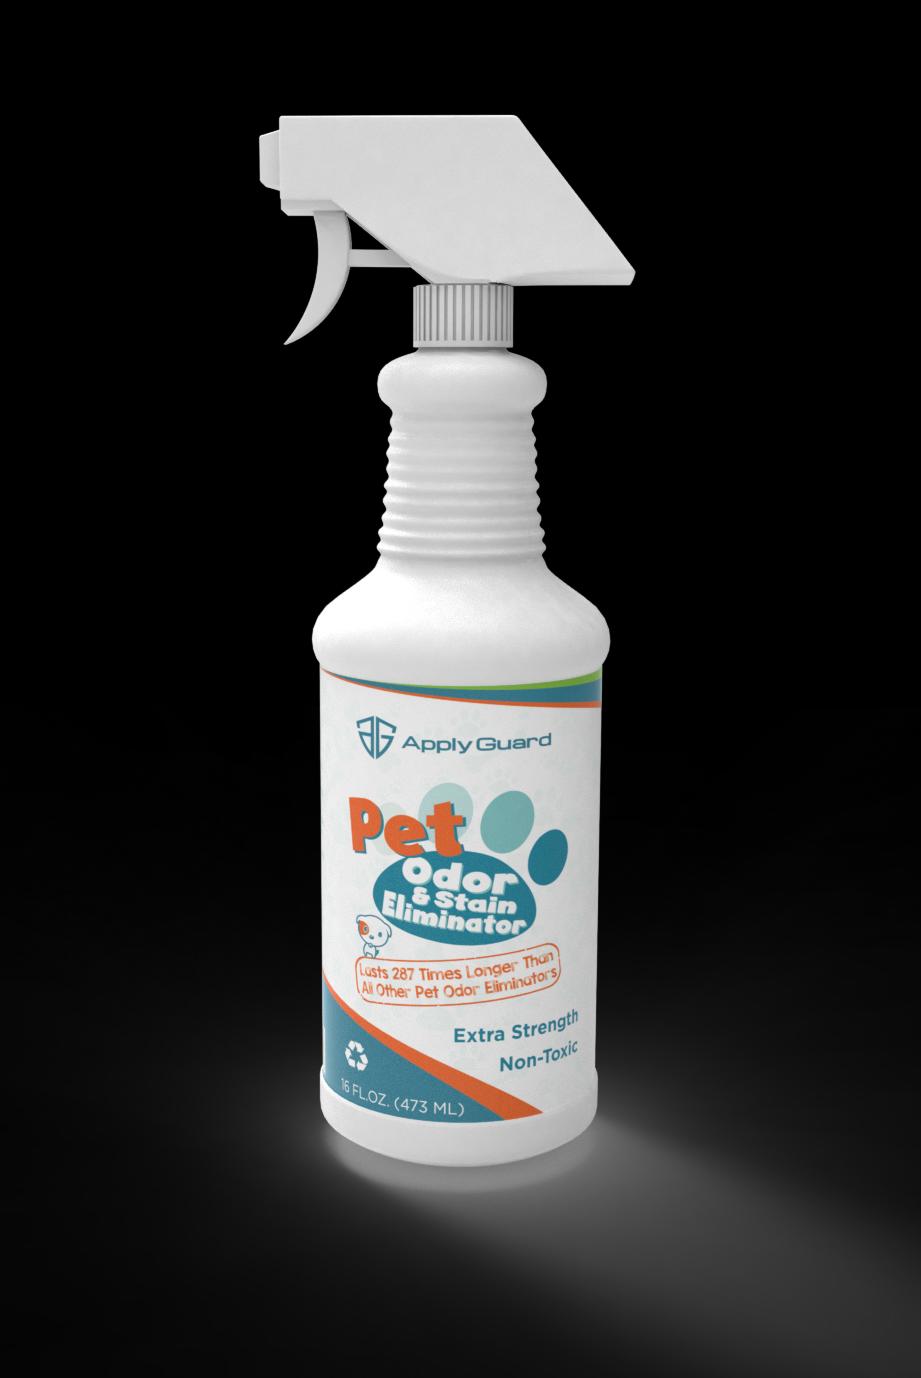 Apply-guard-pet-odor-eliminator